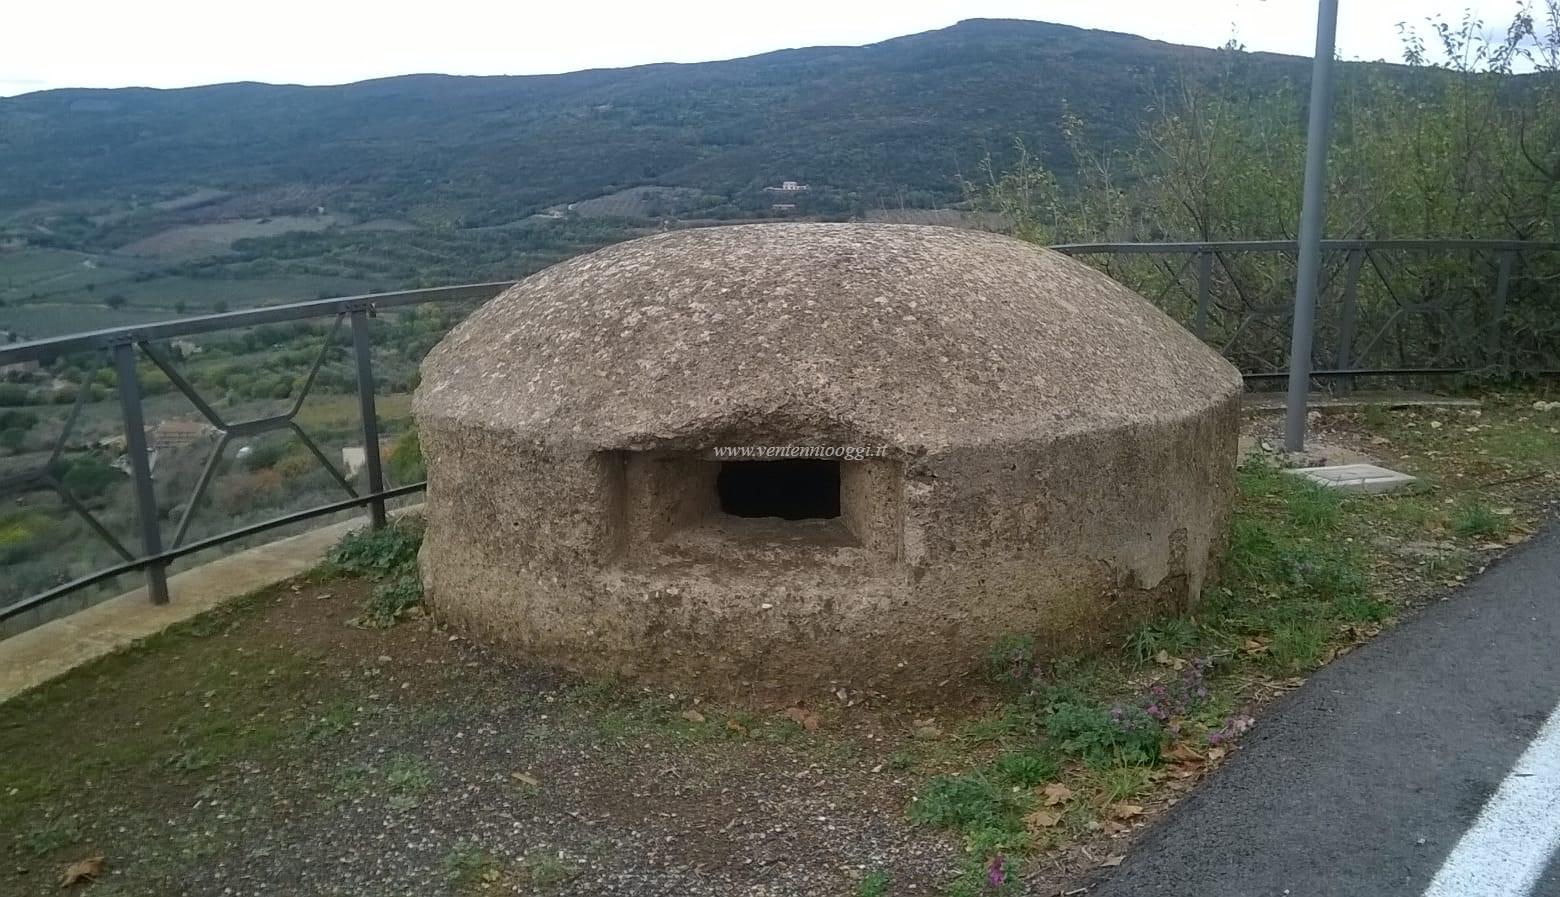 Bunker a Massa Marittima